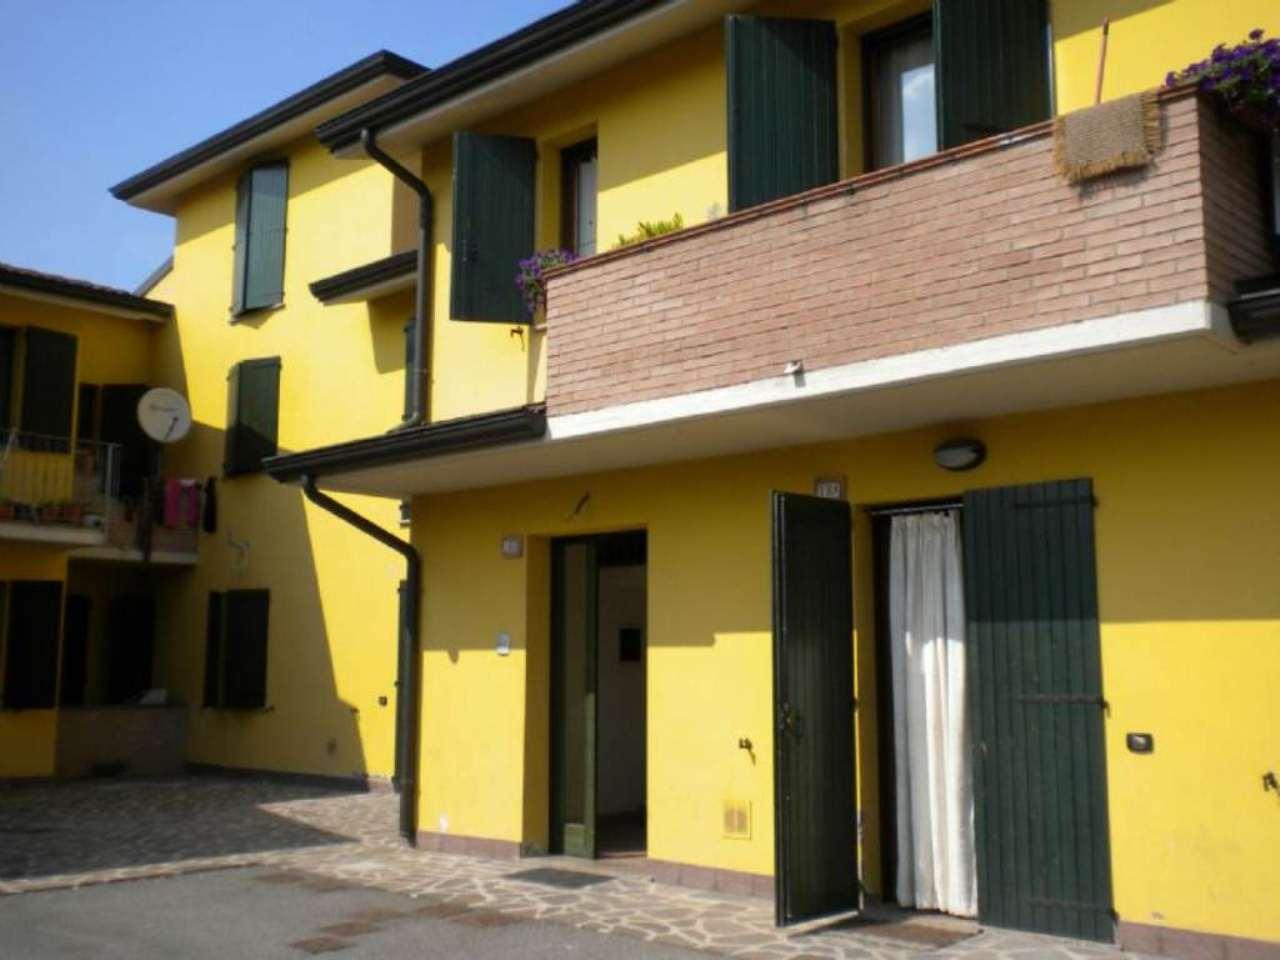 Appartamento in vendita a Viadana, 5 locali, prezzo € 90.000 | Cambio Casa.it